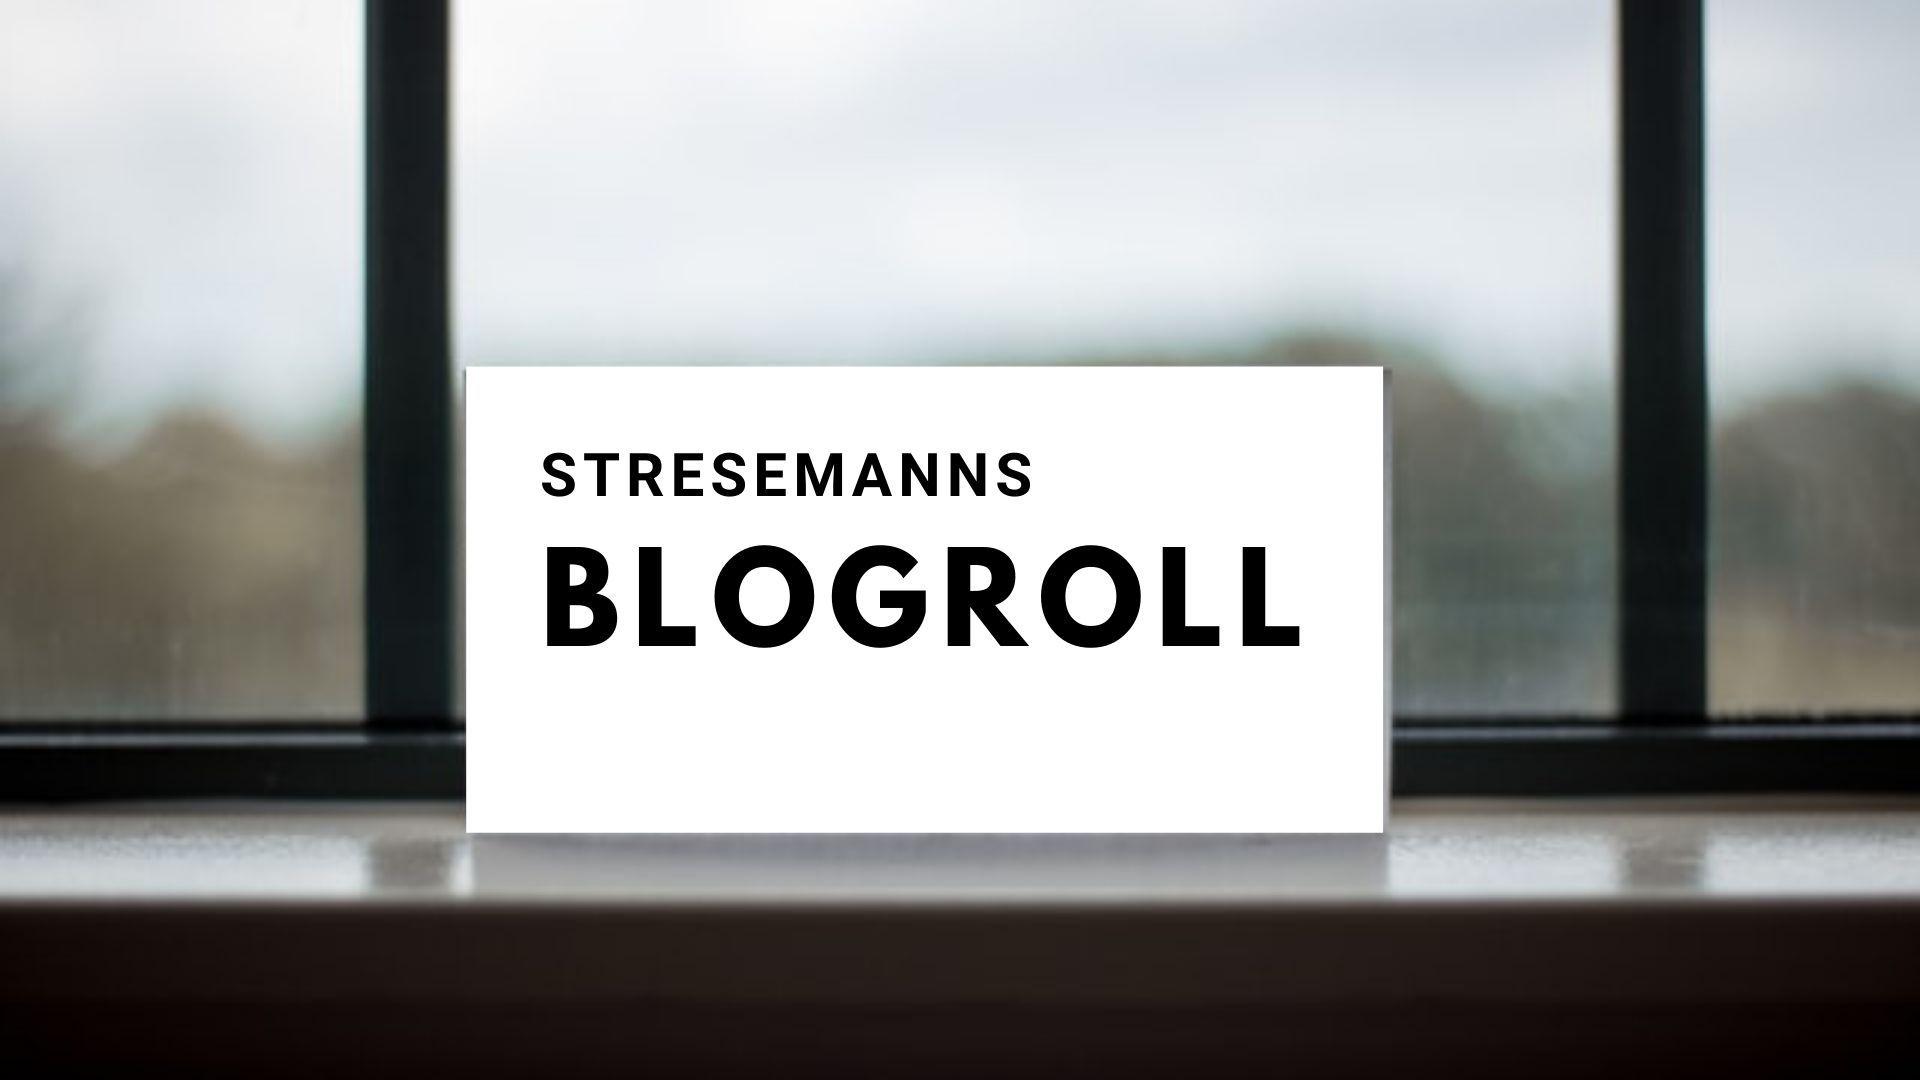 Stresemanns Blogroll